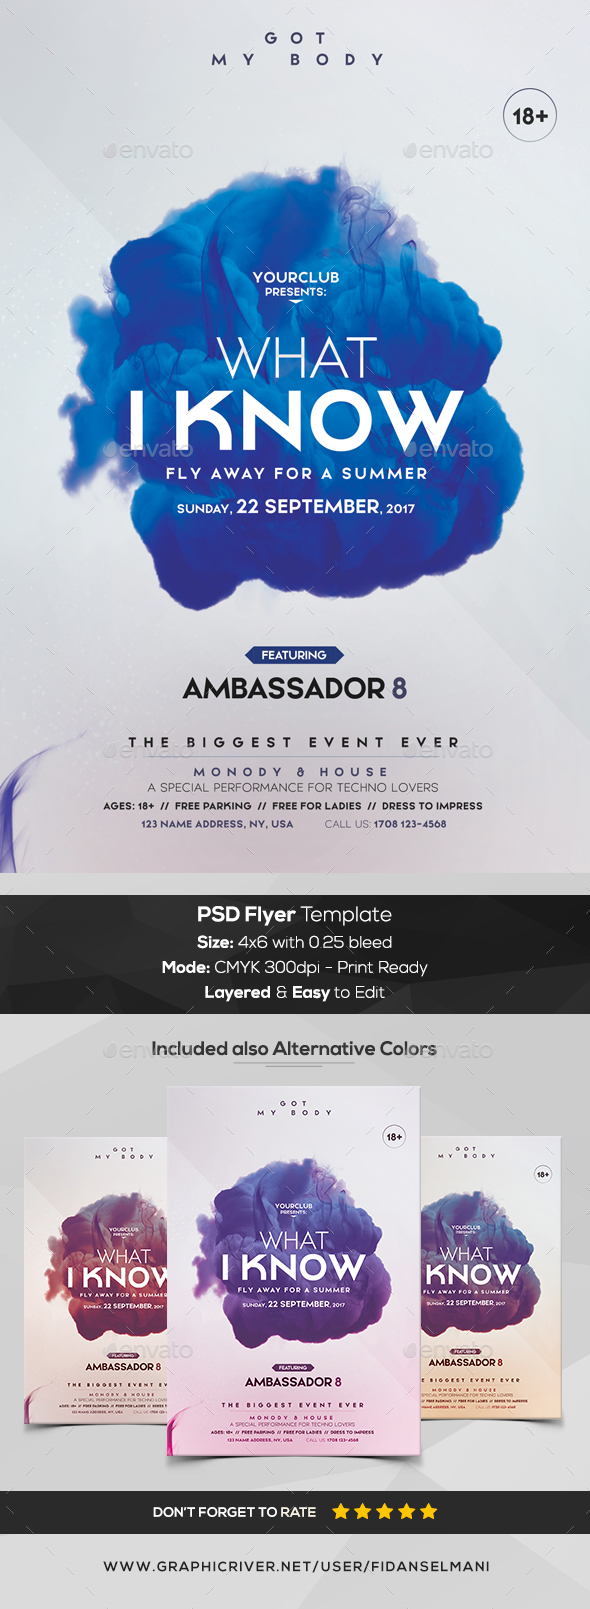 Alternative Minimal - PSD Flyer Template - Flyers Print Templates